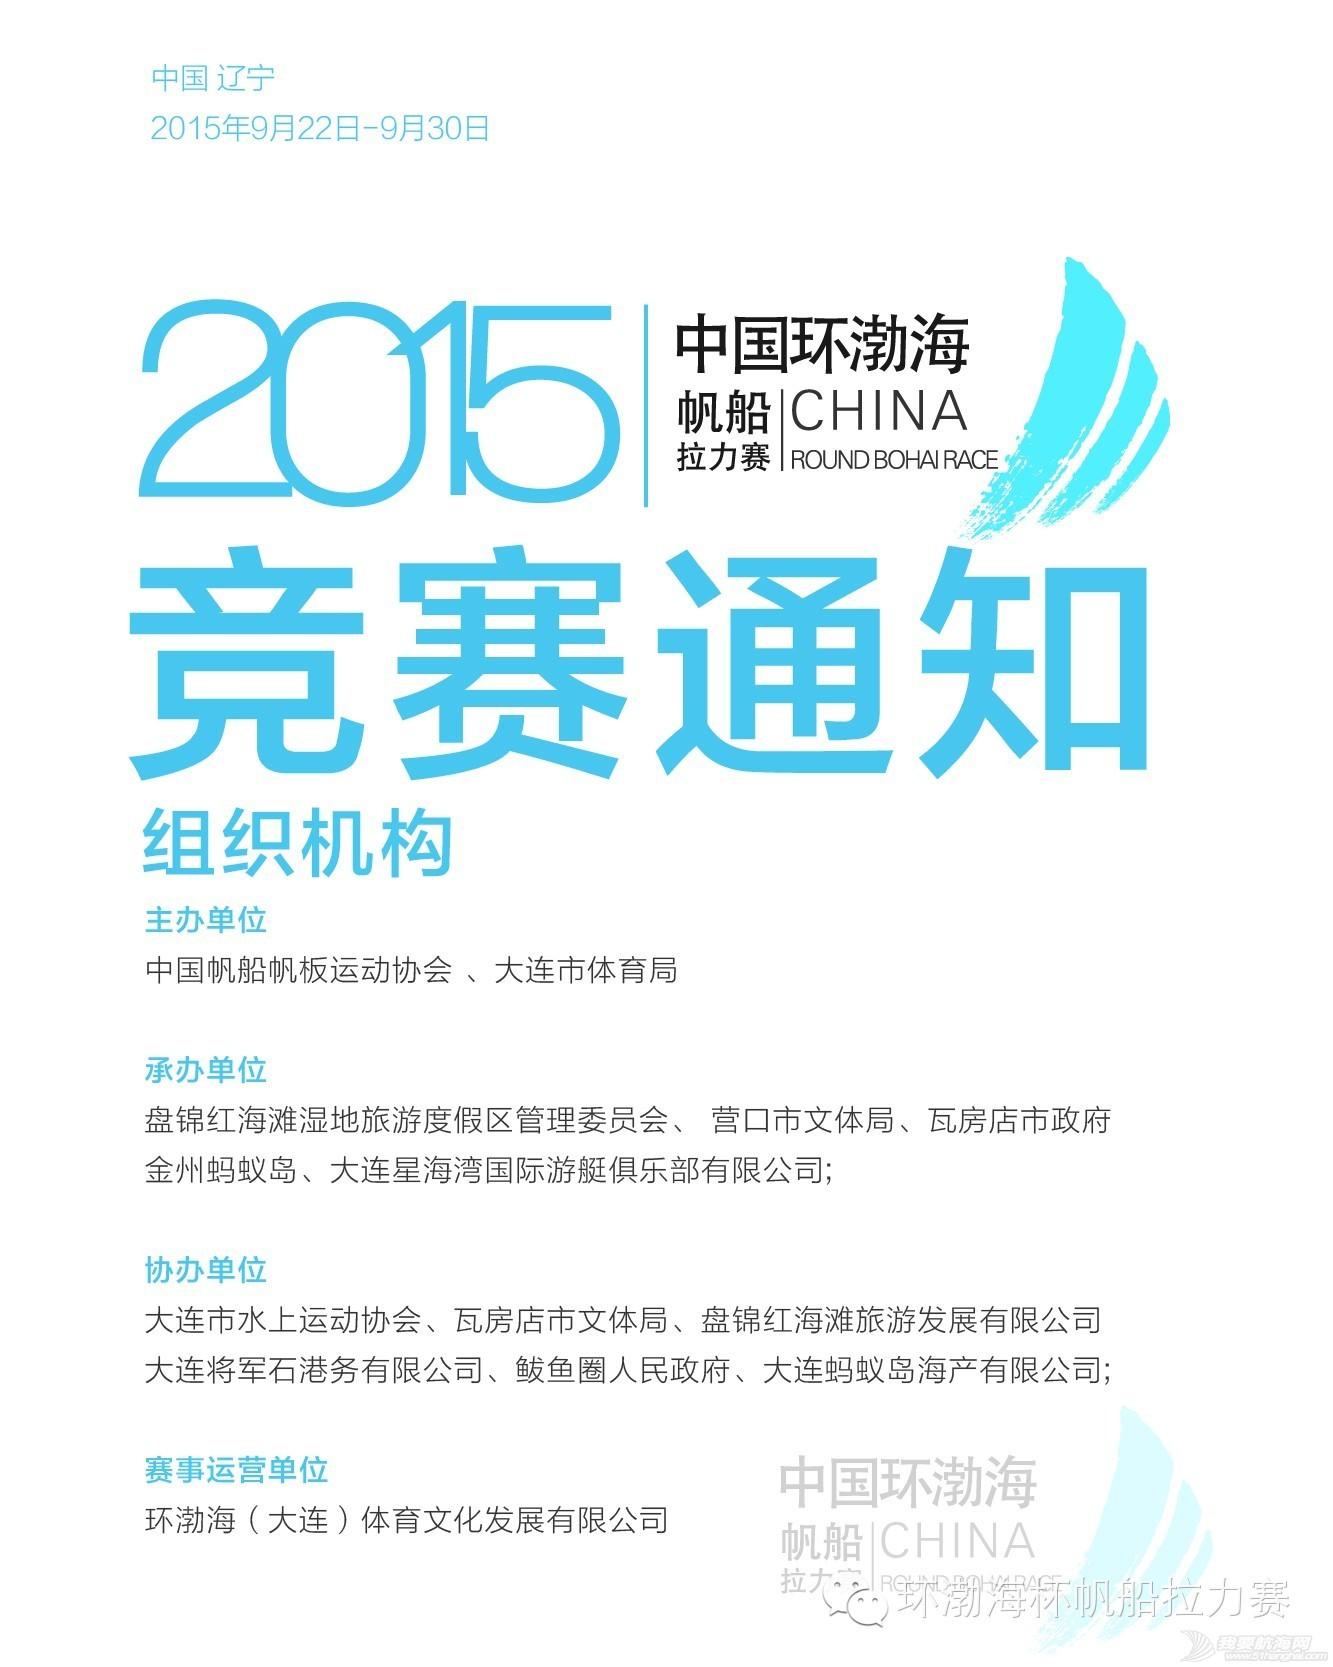 拉力赛,中国,渤海,帆船 2015中国环渤海帆船拉力赛竞赛通知 b31789d698e6d298c02a82c8a648b380.jpg